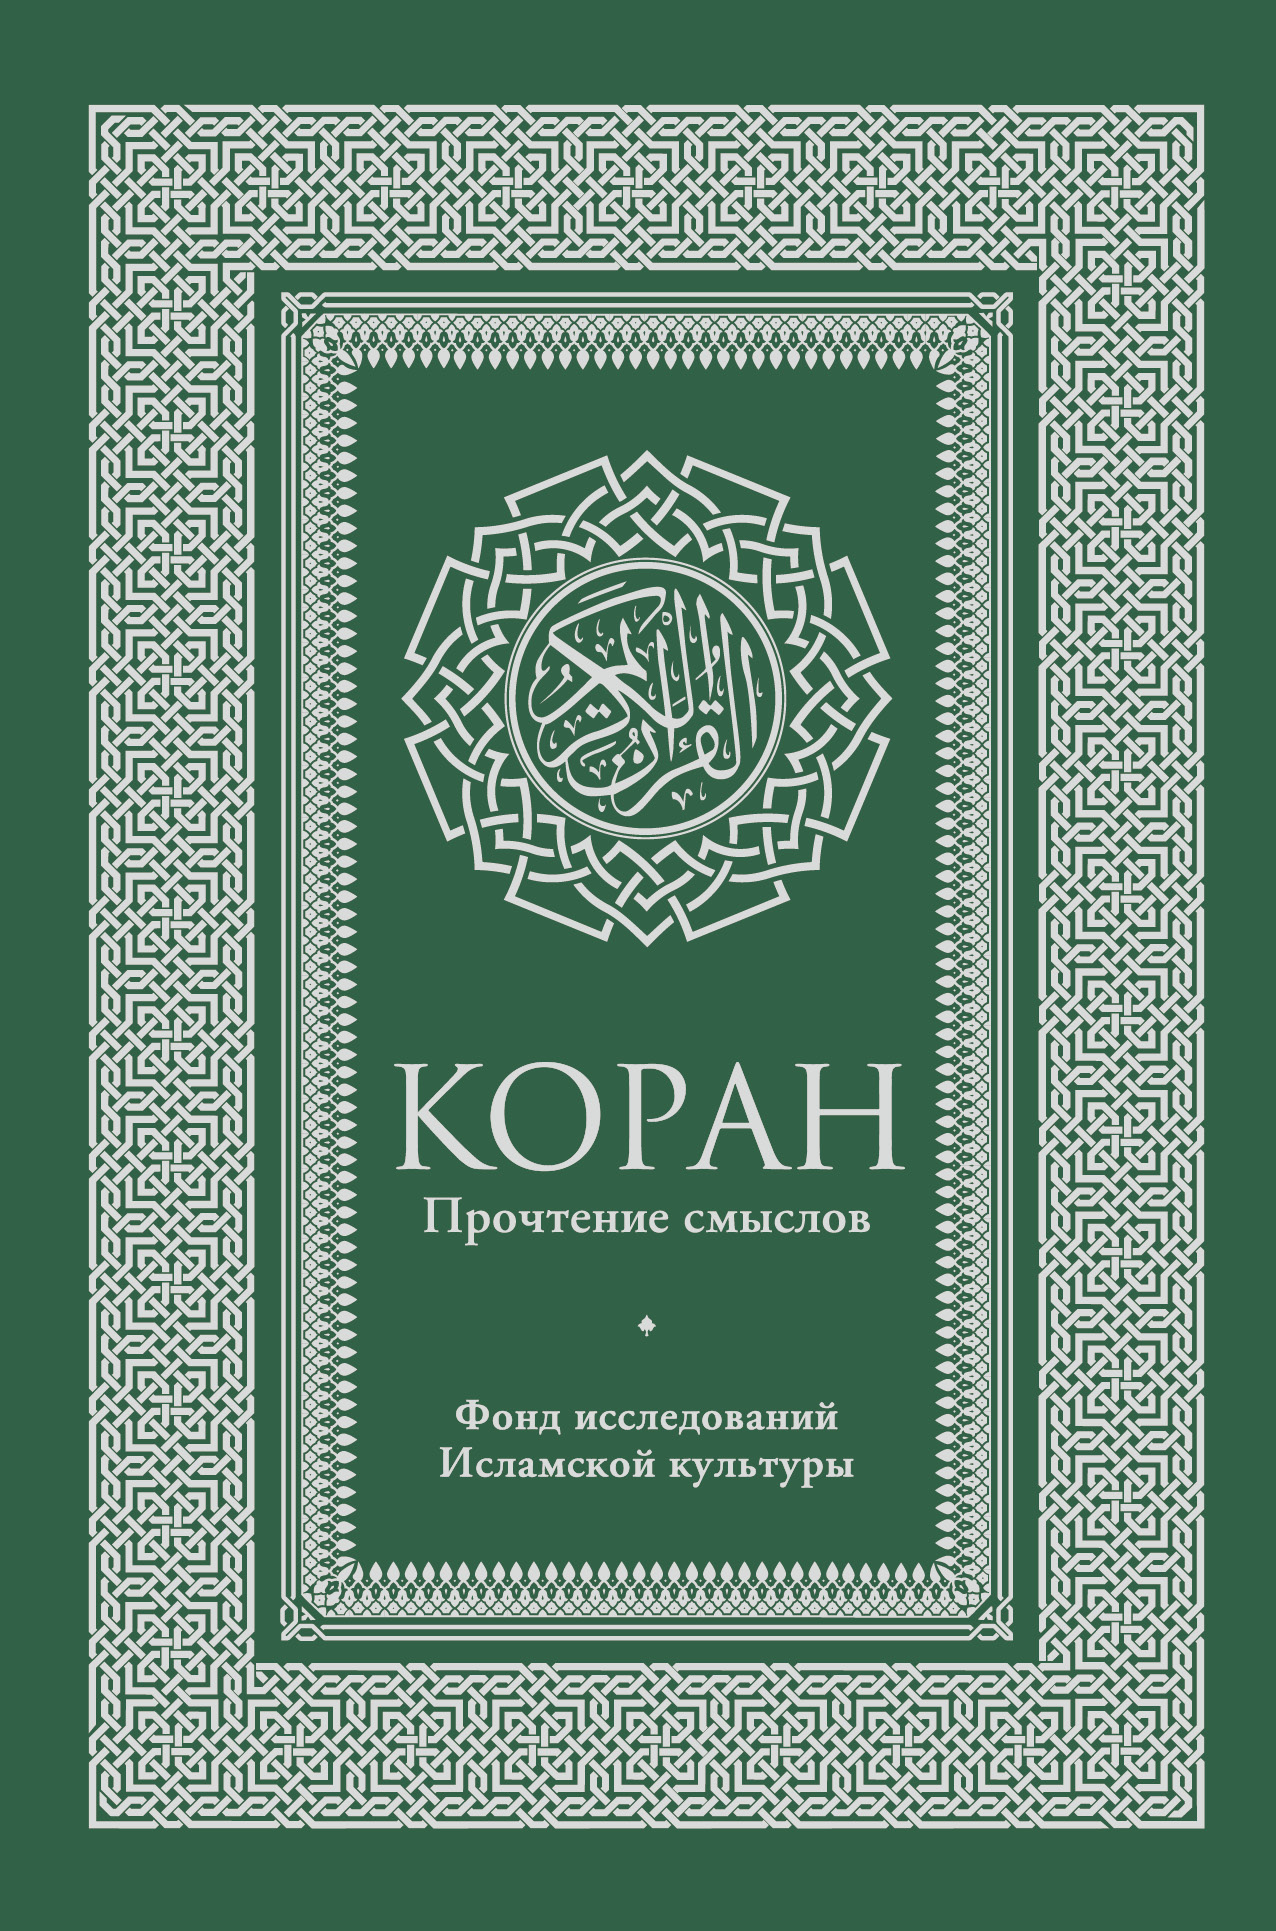 Коран. Прочтение смыслов. Фонд исследований исламской культуры